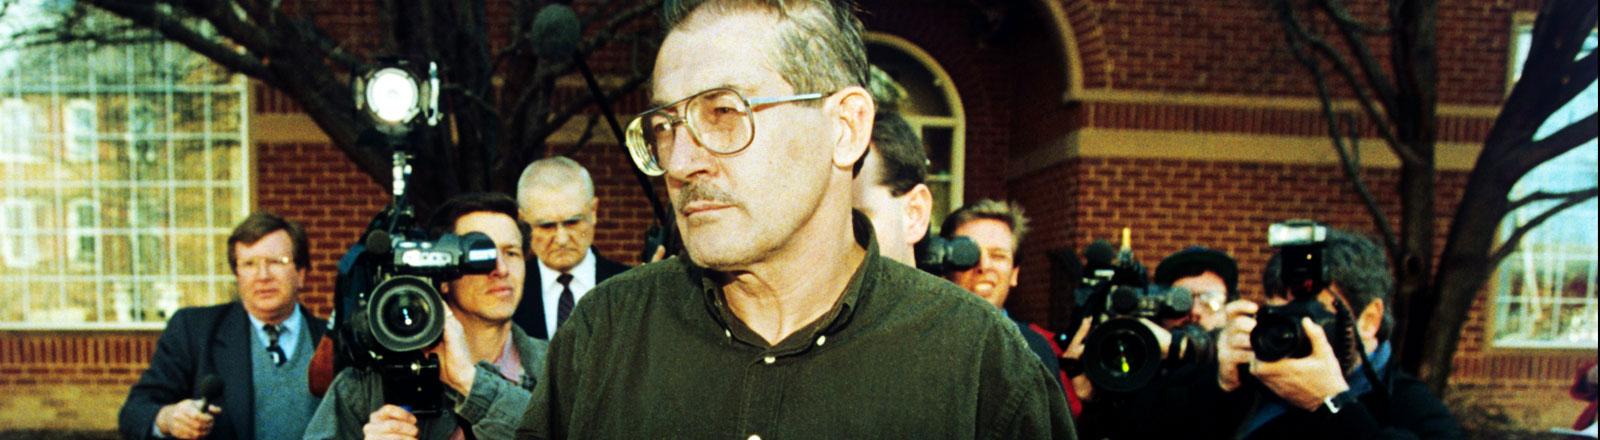 Der CIA-Beamte Aldrich Ames aufgenommen nach seiner Festnahme in Alexandria/ USA am 22.02.1994.